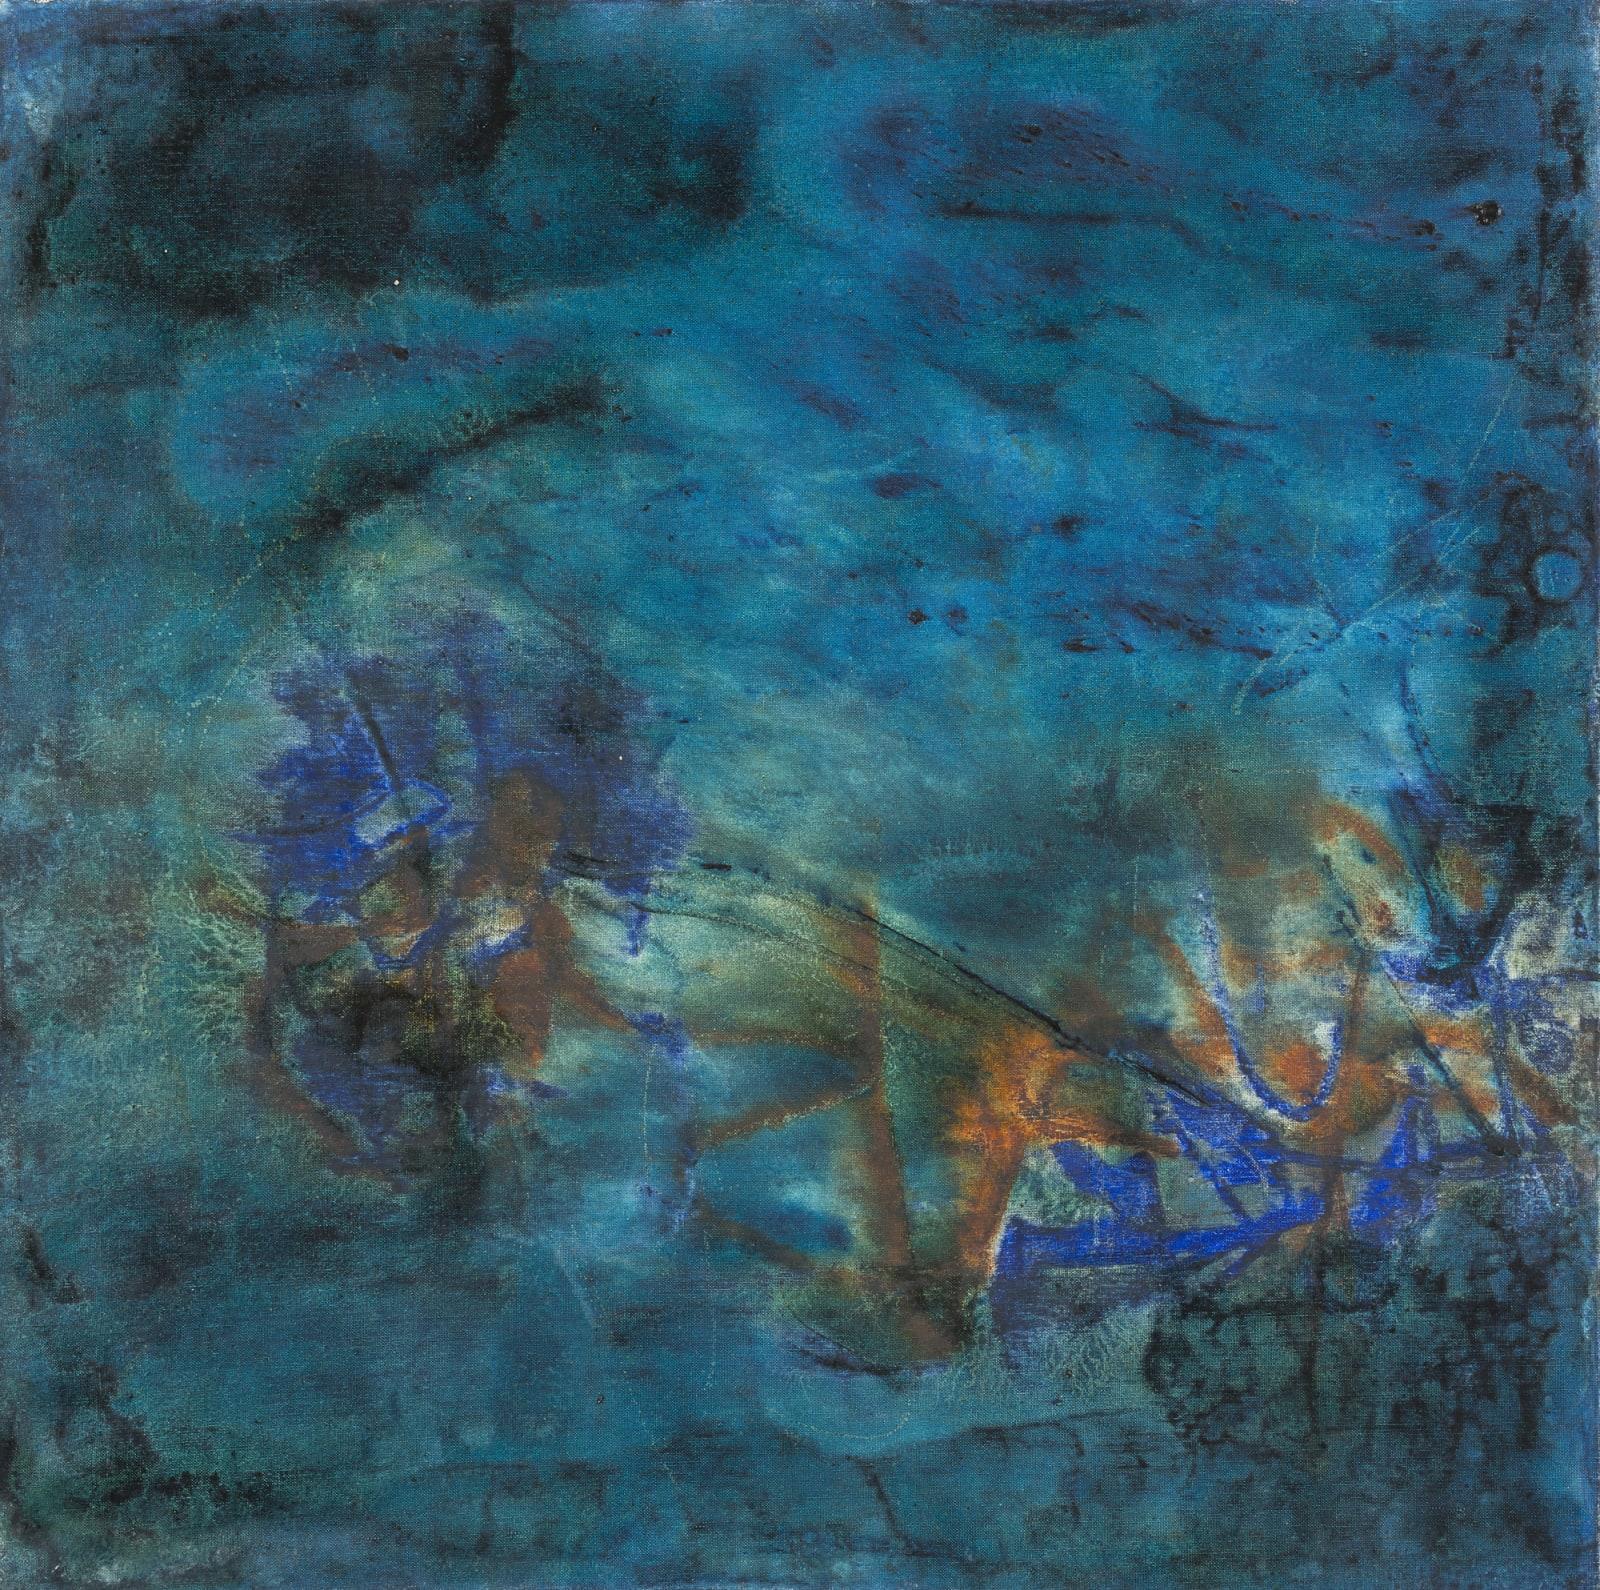 Lalan 謝景蘭, Untitled《無題》, 1967-1968